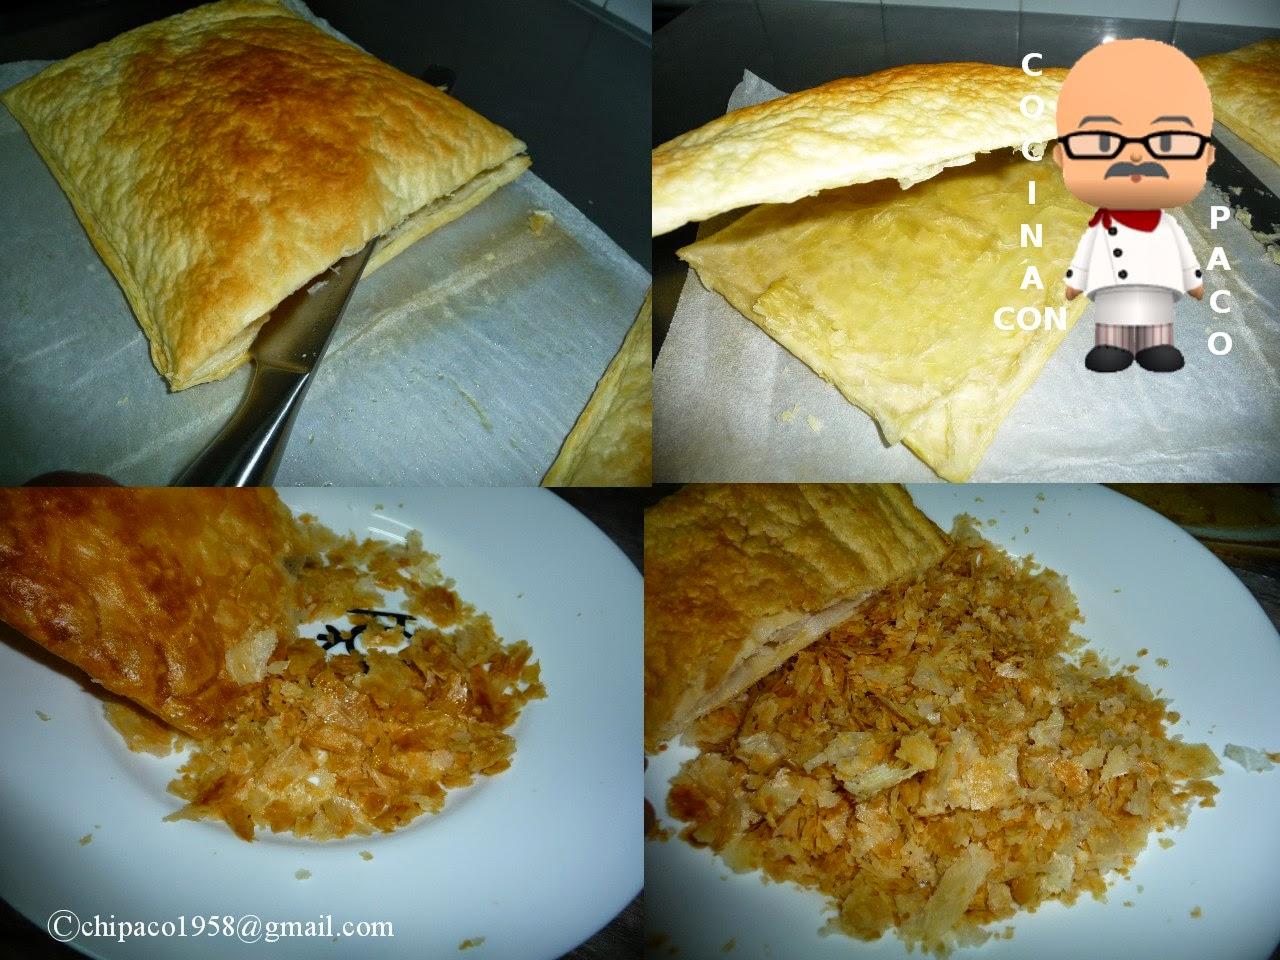 Cocina con paco costrada soriana - Cocina con paco ...